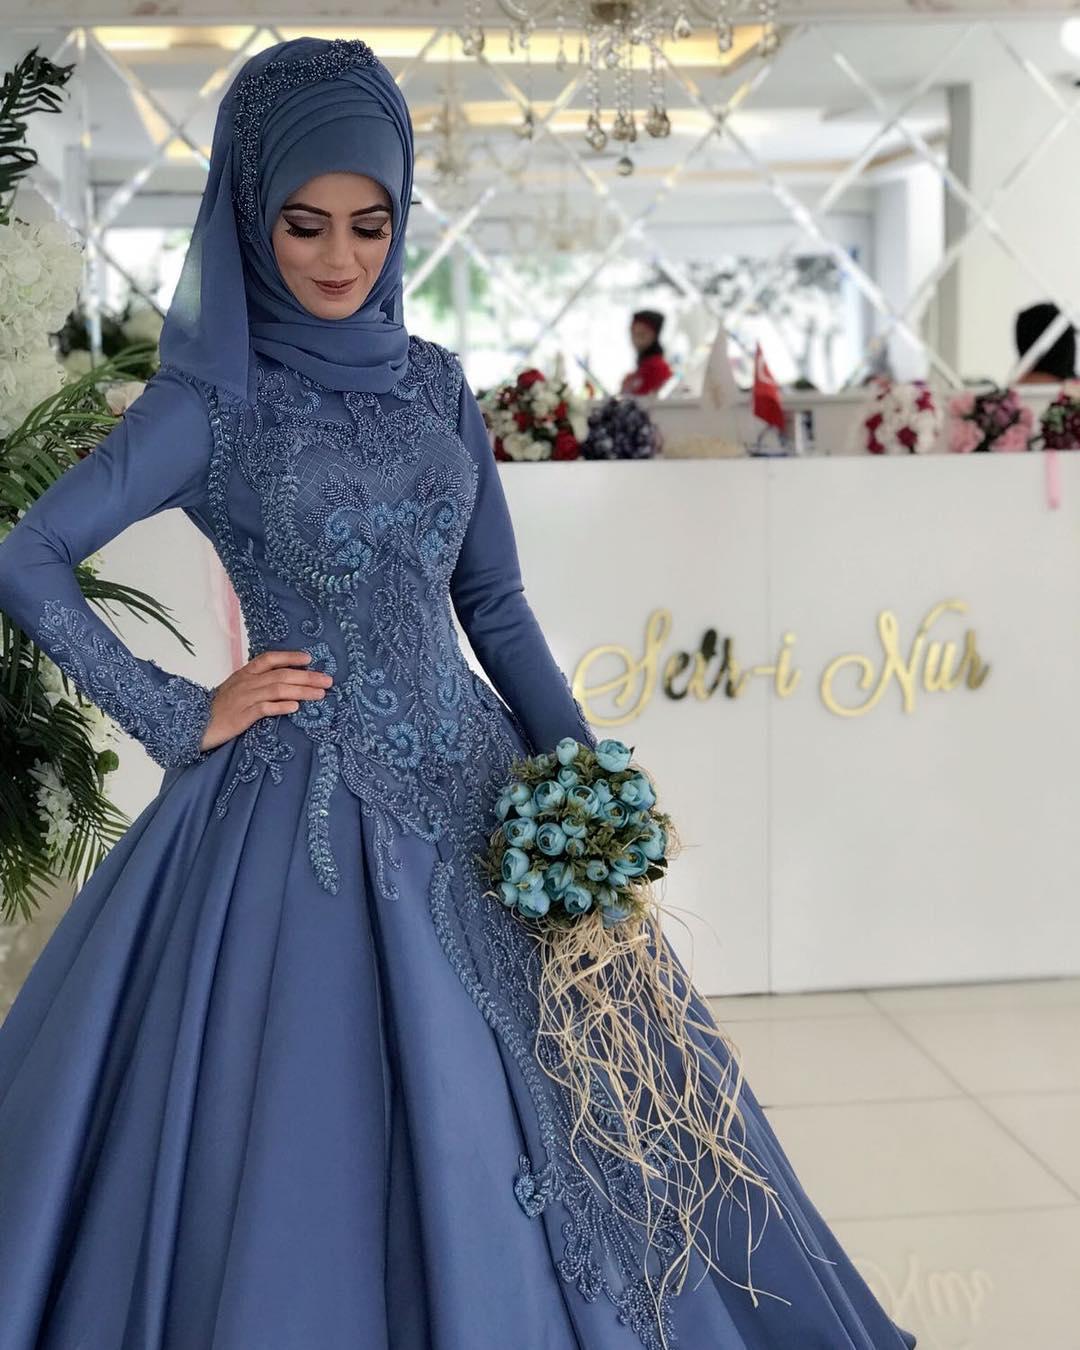 Tesettür Nişan Elbisesi Seçiminde Bilinmesi Gerekenler 2 - Tesettür Nişan Elbisesi Seçiminde Bilinmesi Gerekenler